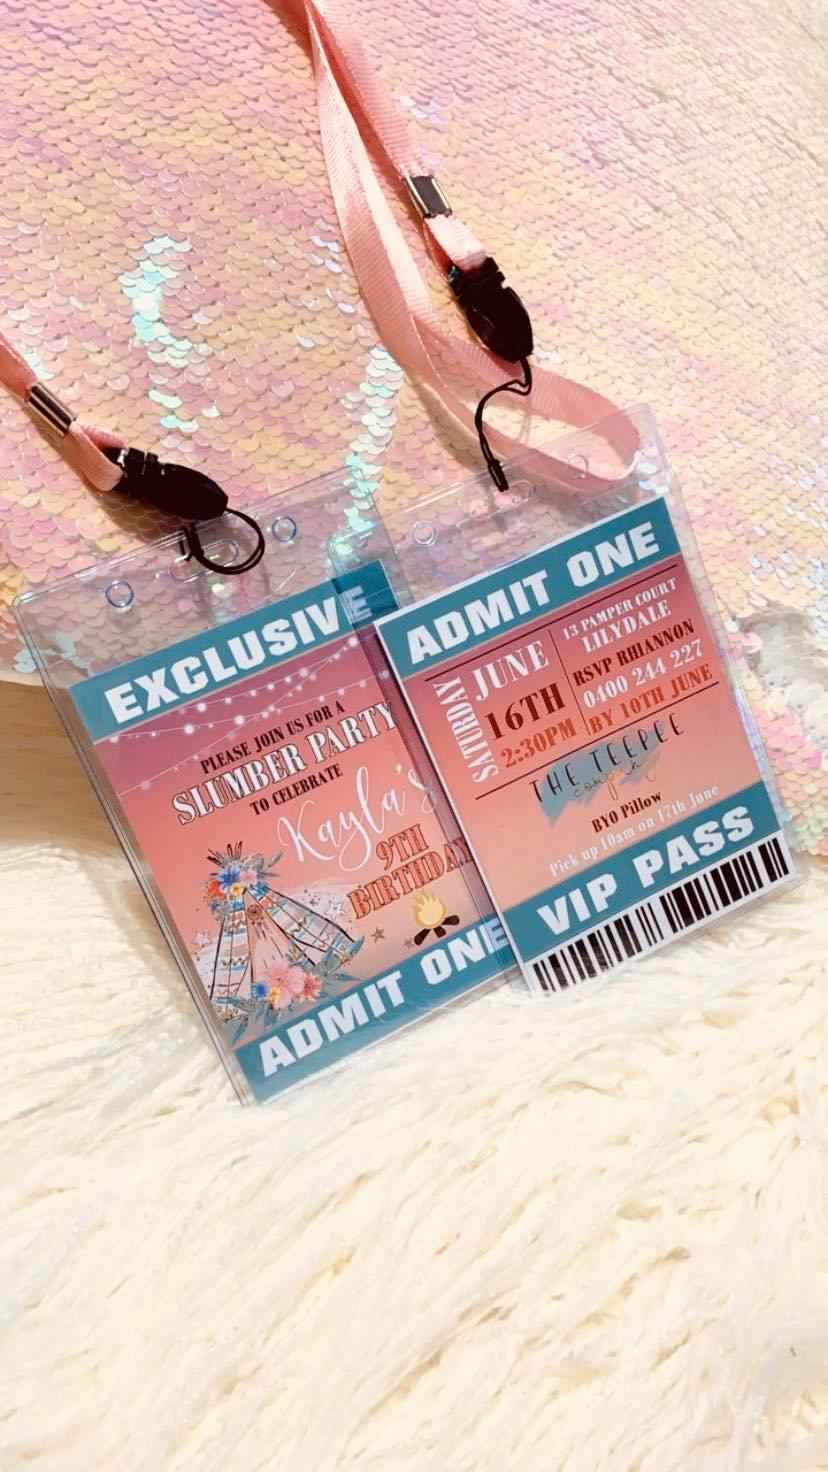 VIP Sleepover Invitation